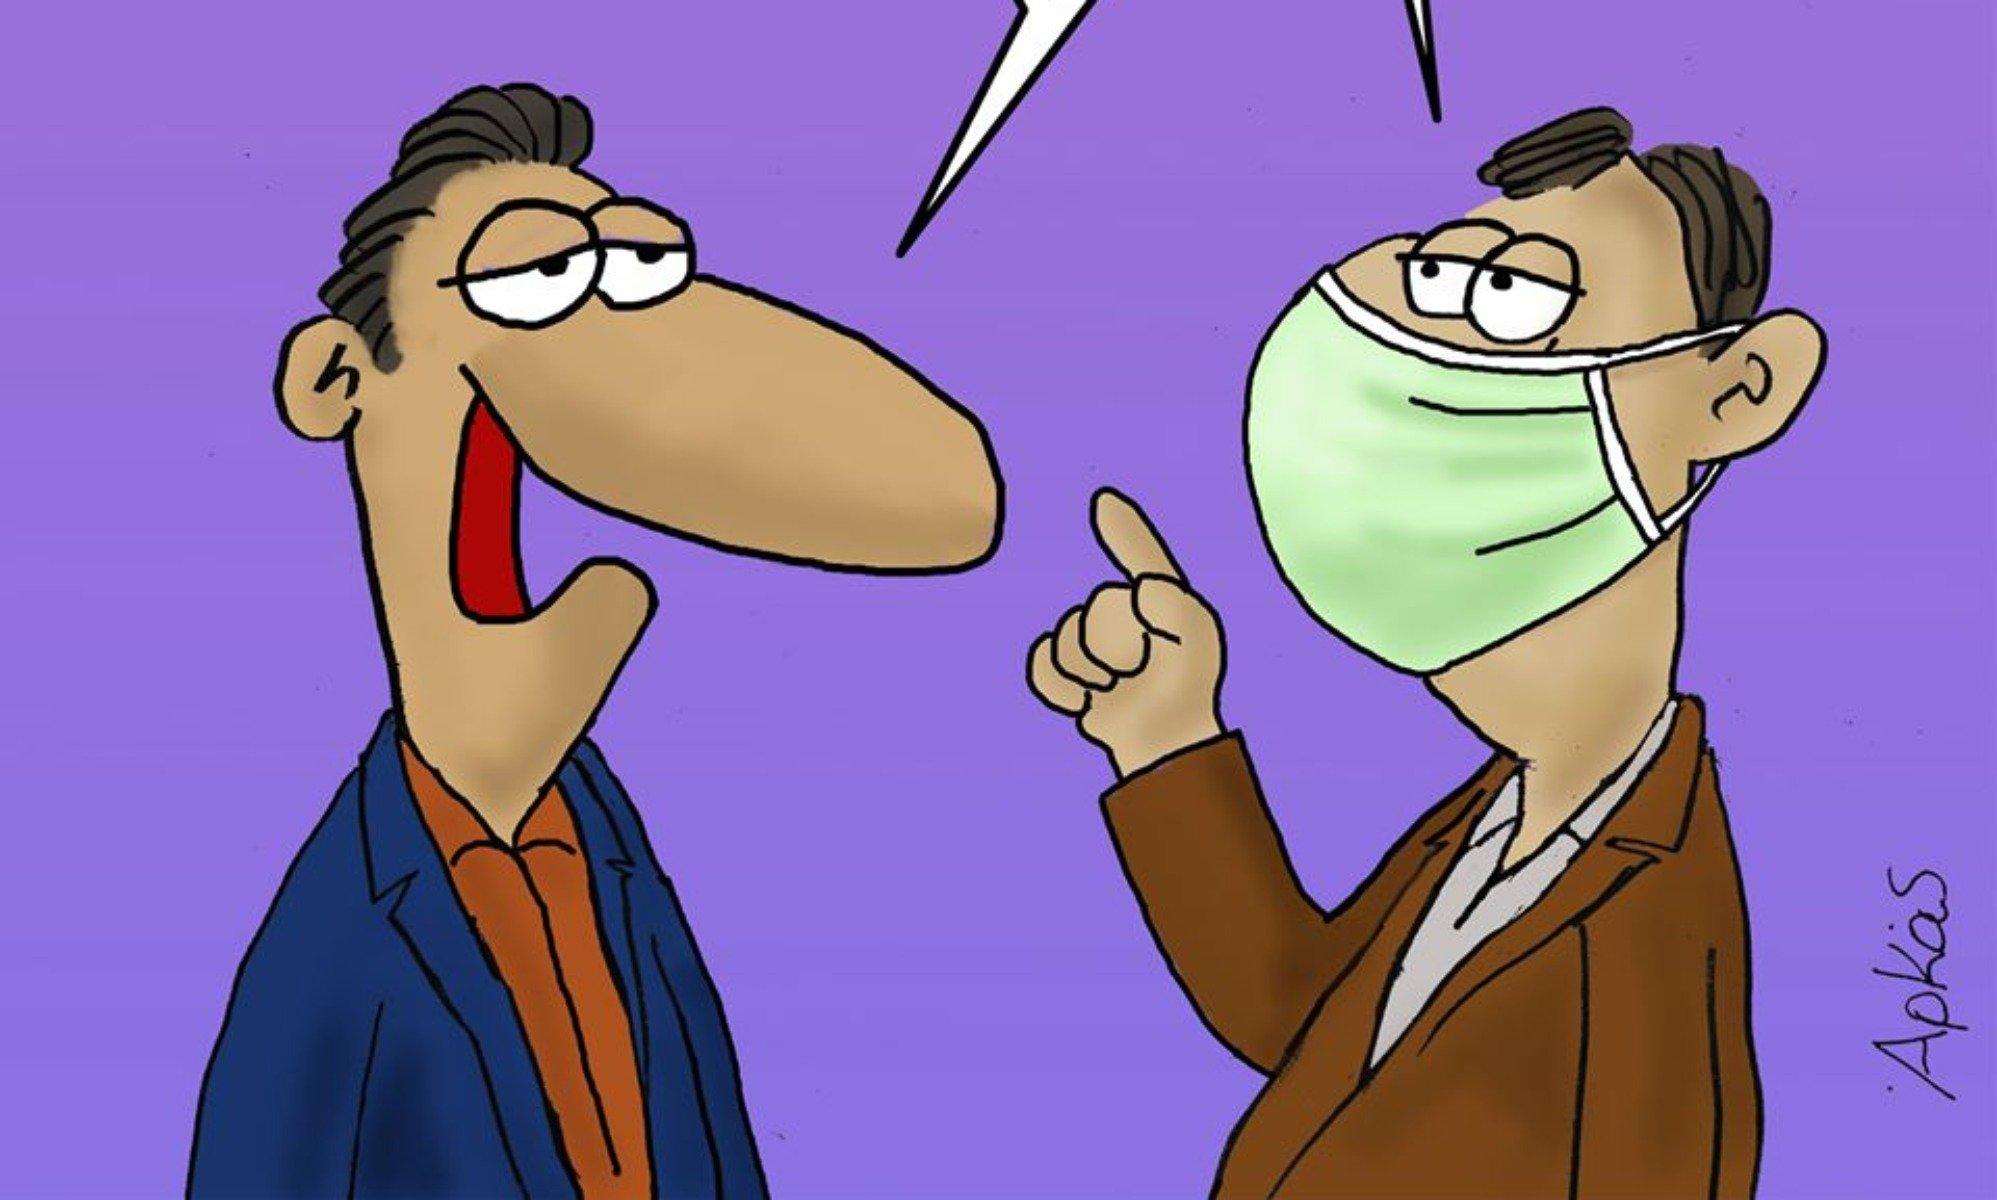 Αρκάς: Το χιουμοριστικό σκίτσο για τις Κυριακές της καραντίνας